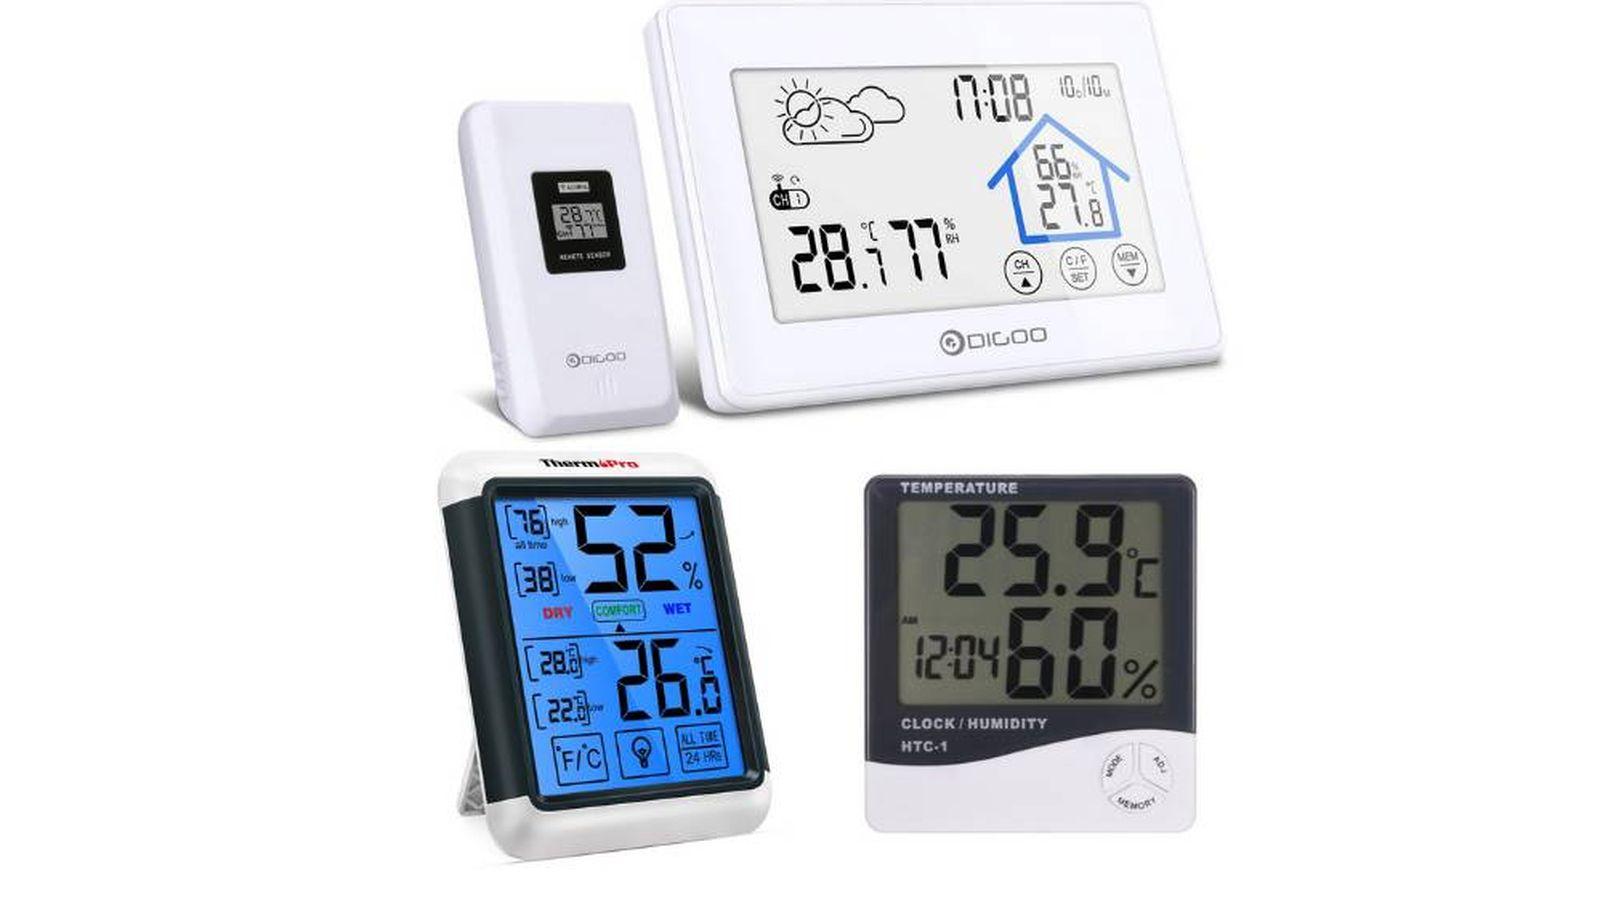 Los Mejores Termometros Higrometros Para Comprobar La Humedad En El Hogar Descarga la app termómetro e higrómetro y disfrútala en tu iphone, ipad o ipod touch. la humedad